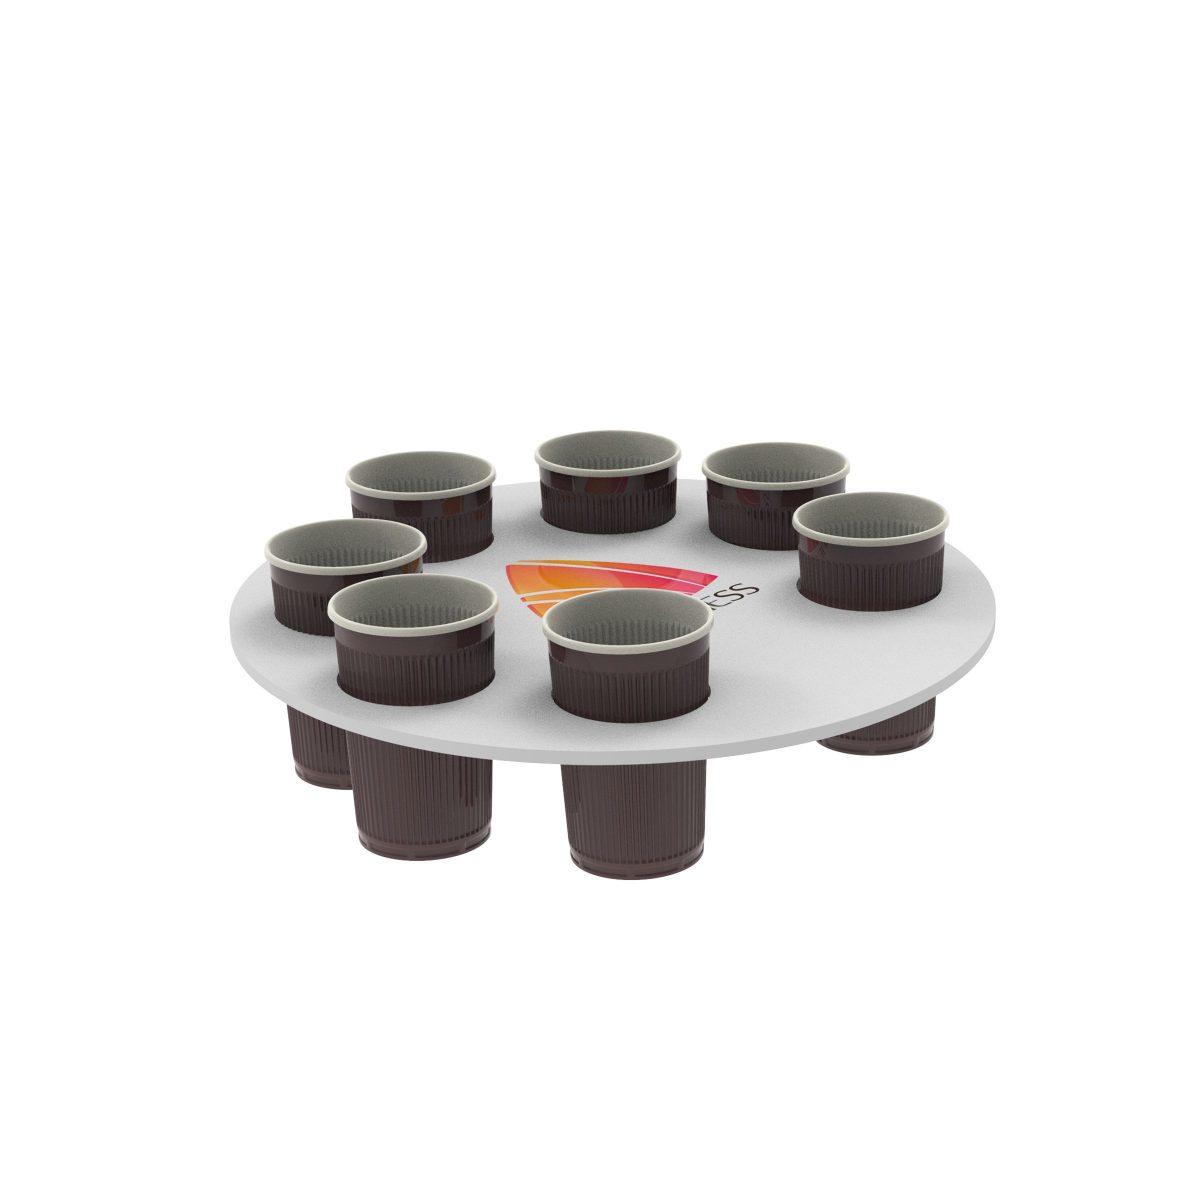 Koffiebeker houders full colour bedrukt